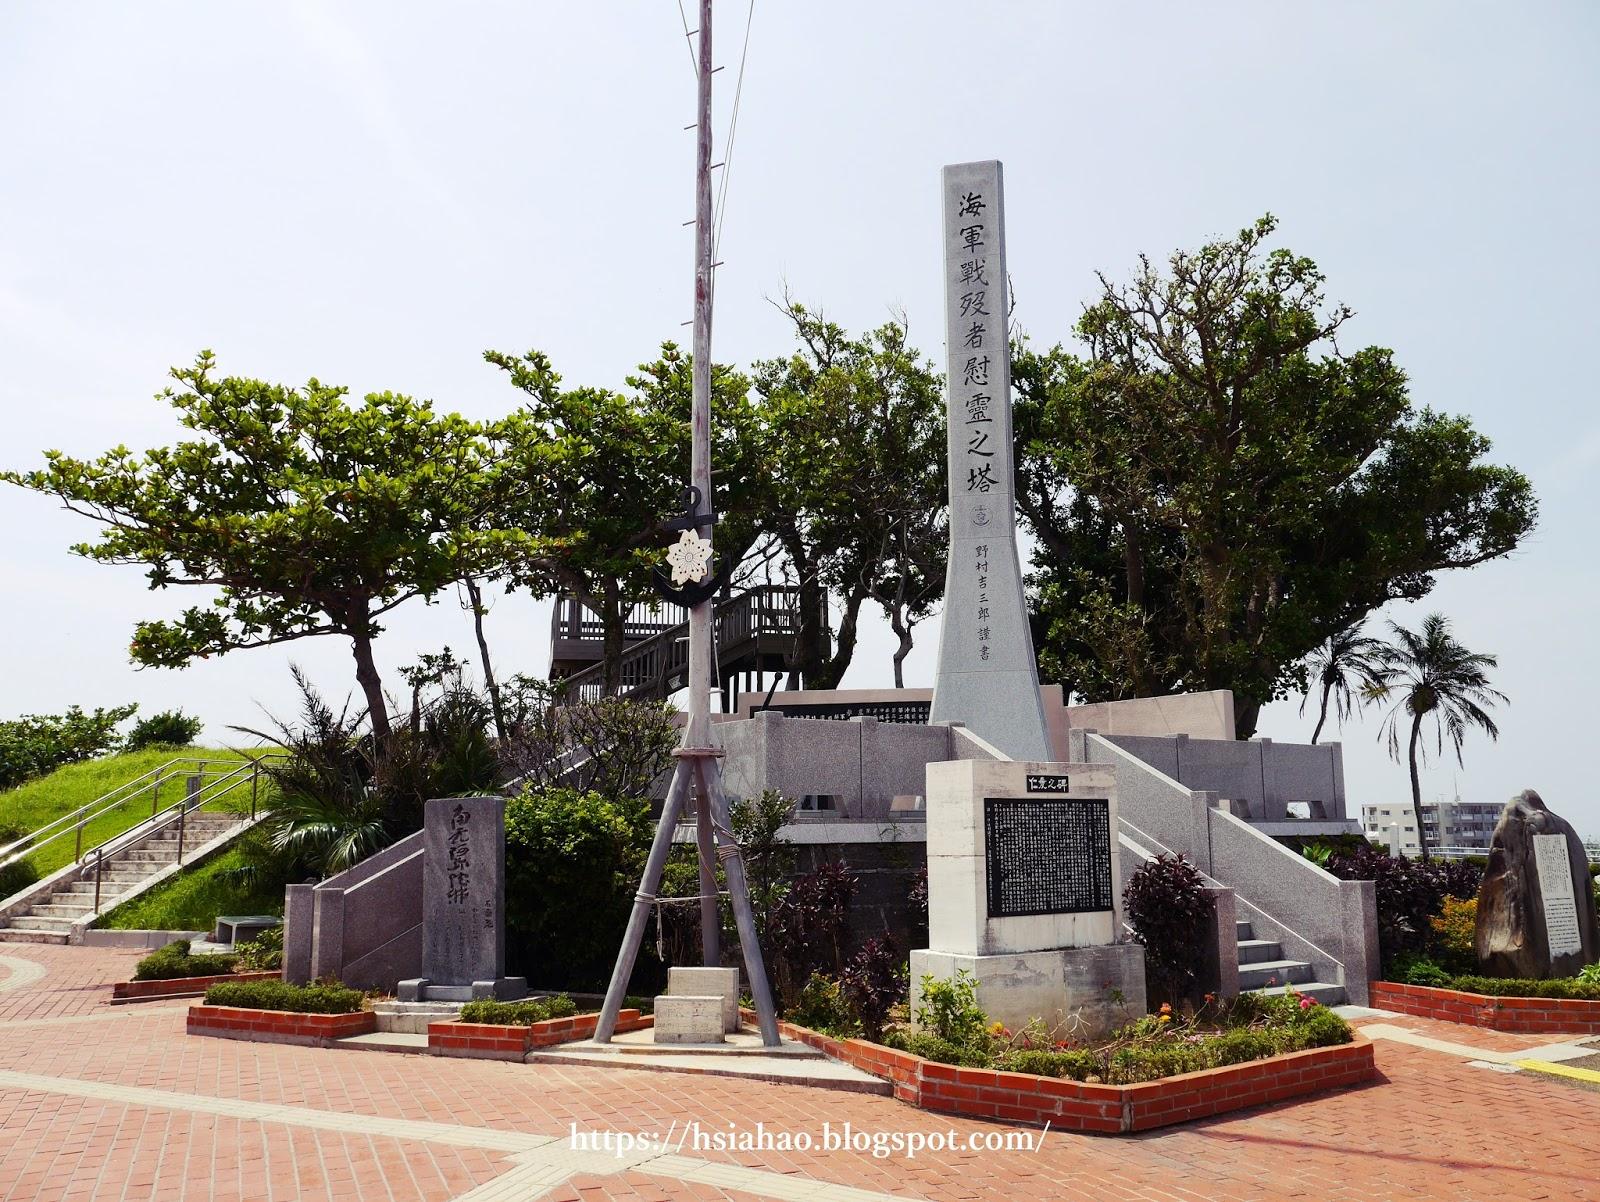 沖繩-那霸-景點-海軍壕公園-慰靈之塔-自由行-旅遊-Okinawa-Naha-kaigungou